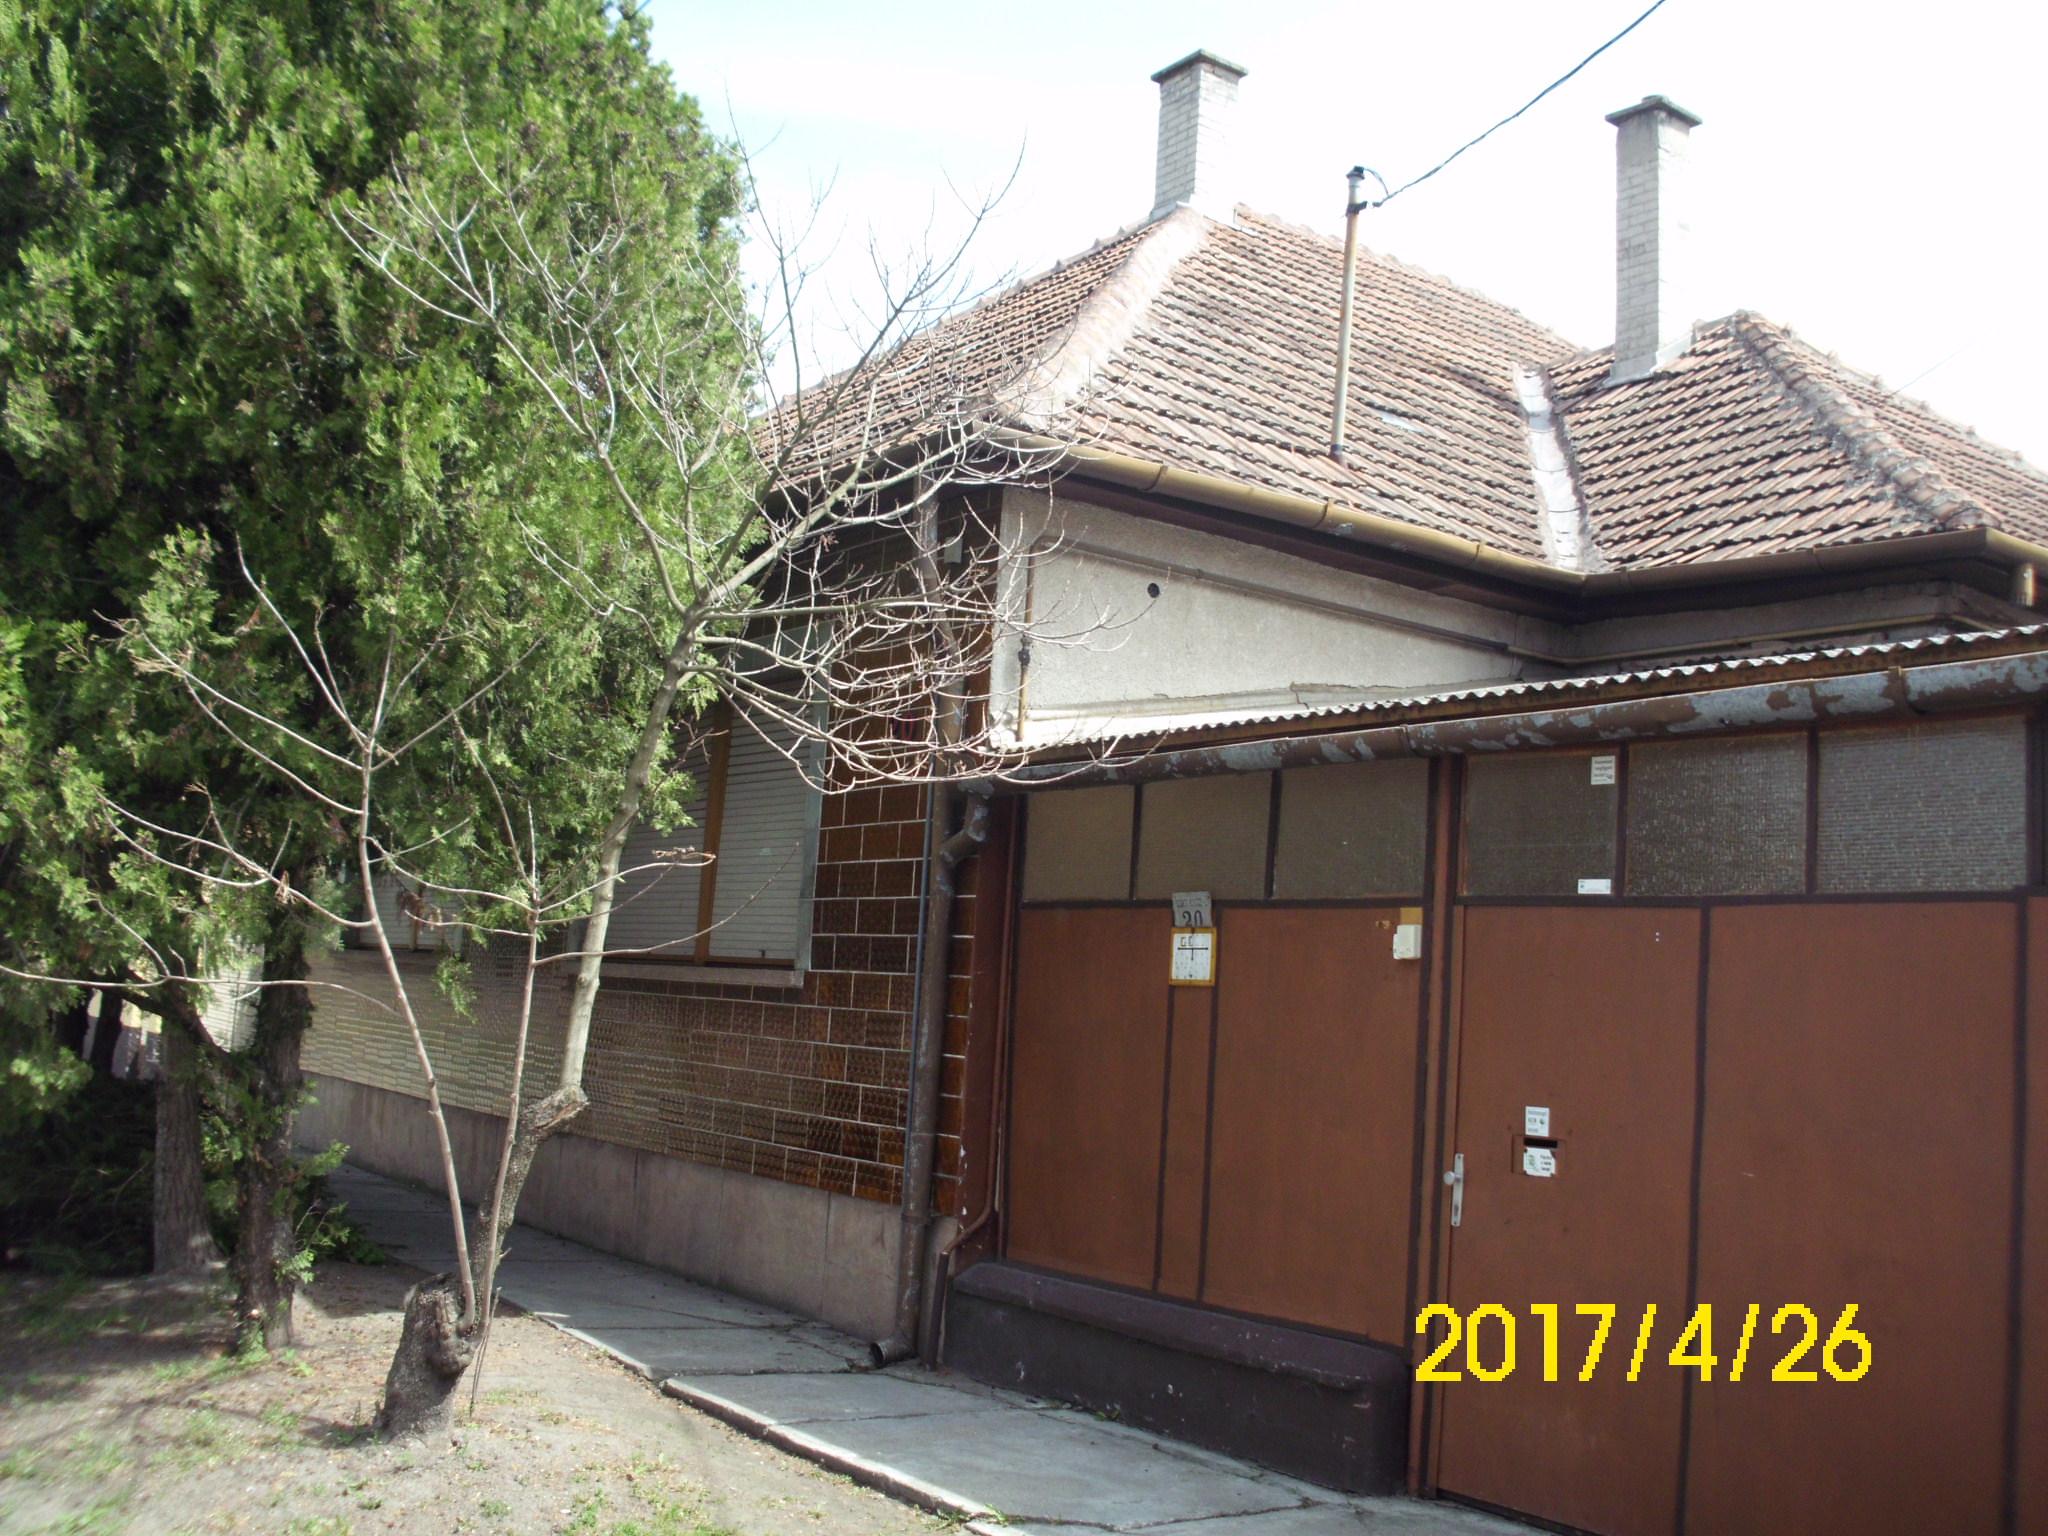 Kiskunhalas, Szántó K. utcában 4 szobás 2 fürdőszobás